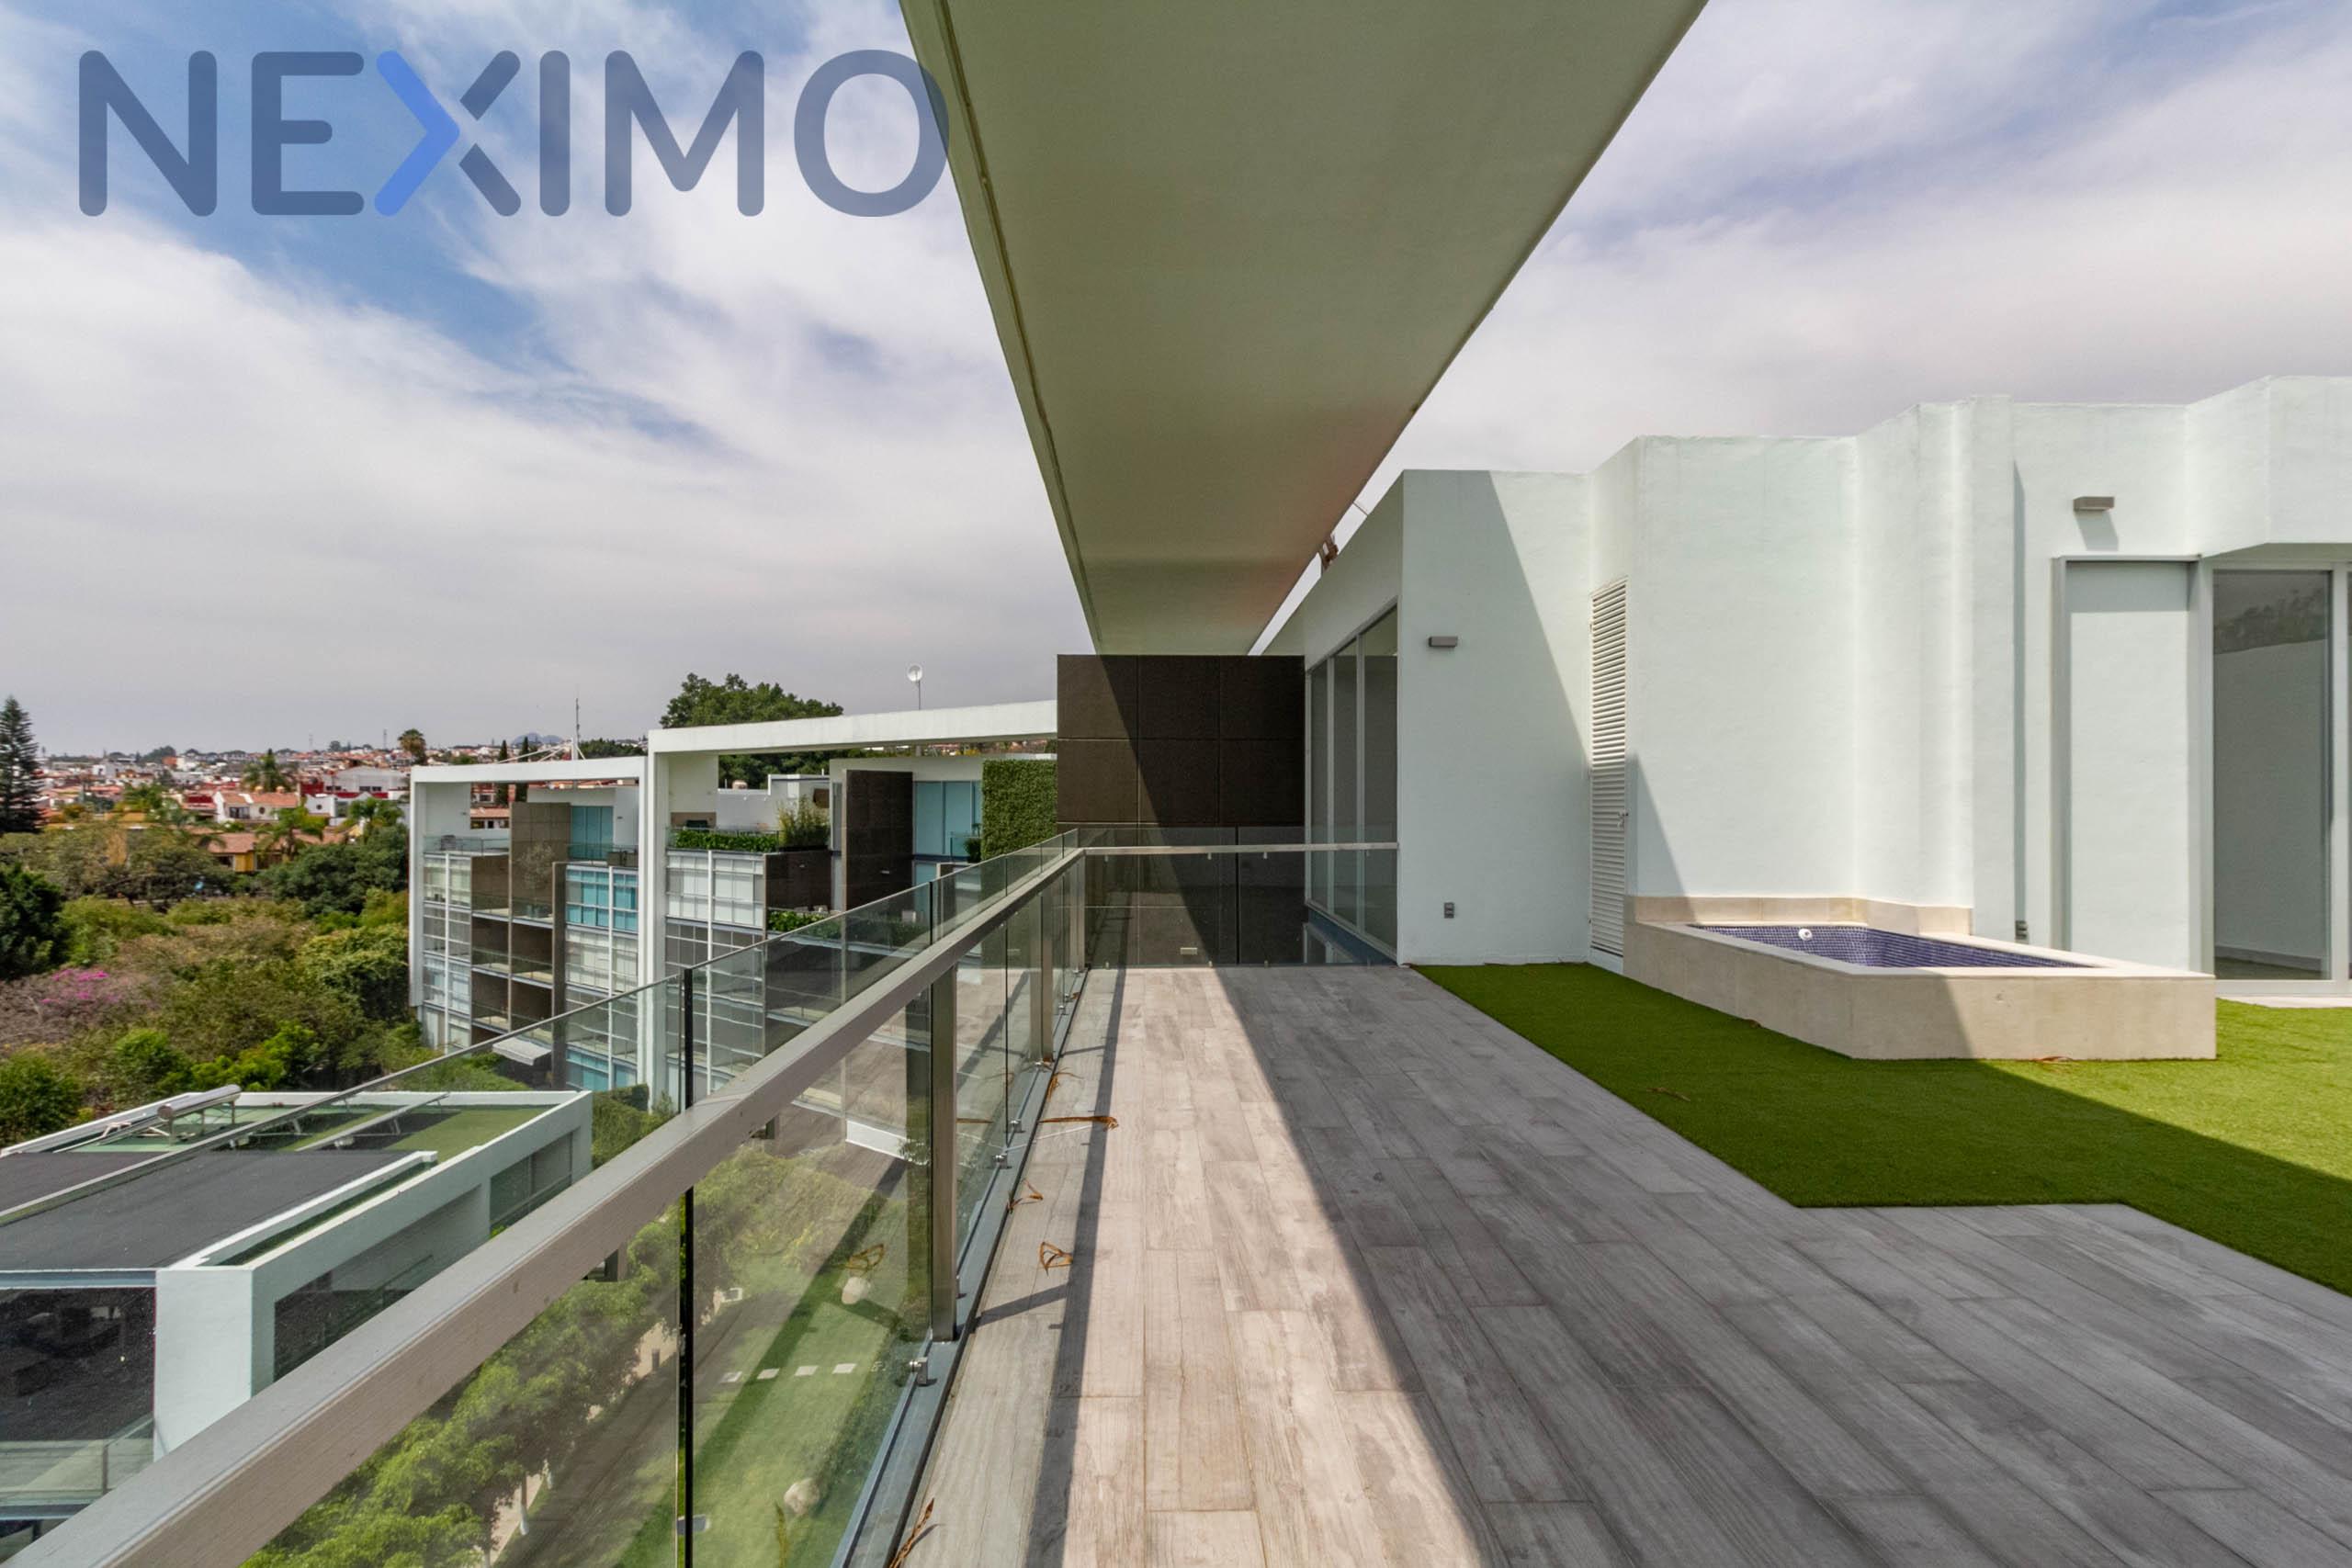 Penthouse en Renta Zona Norte en Bellavista Residencial Cancha de Tenis, Sala de masajes